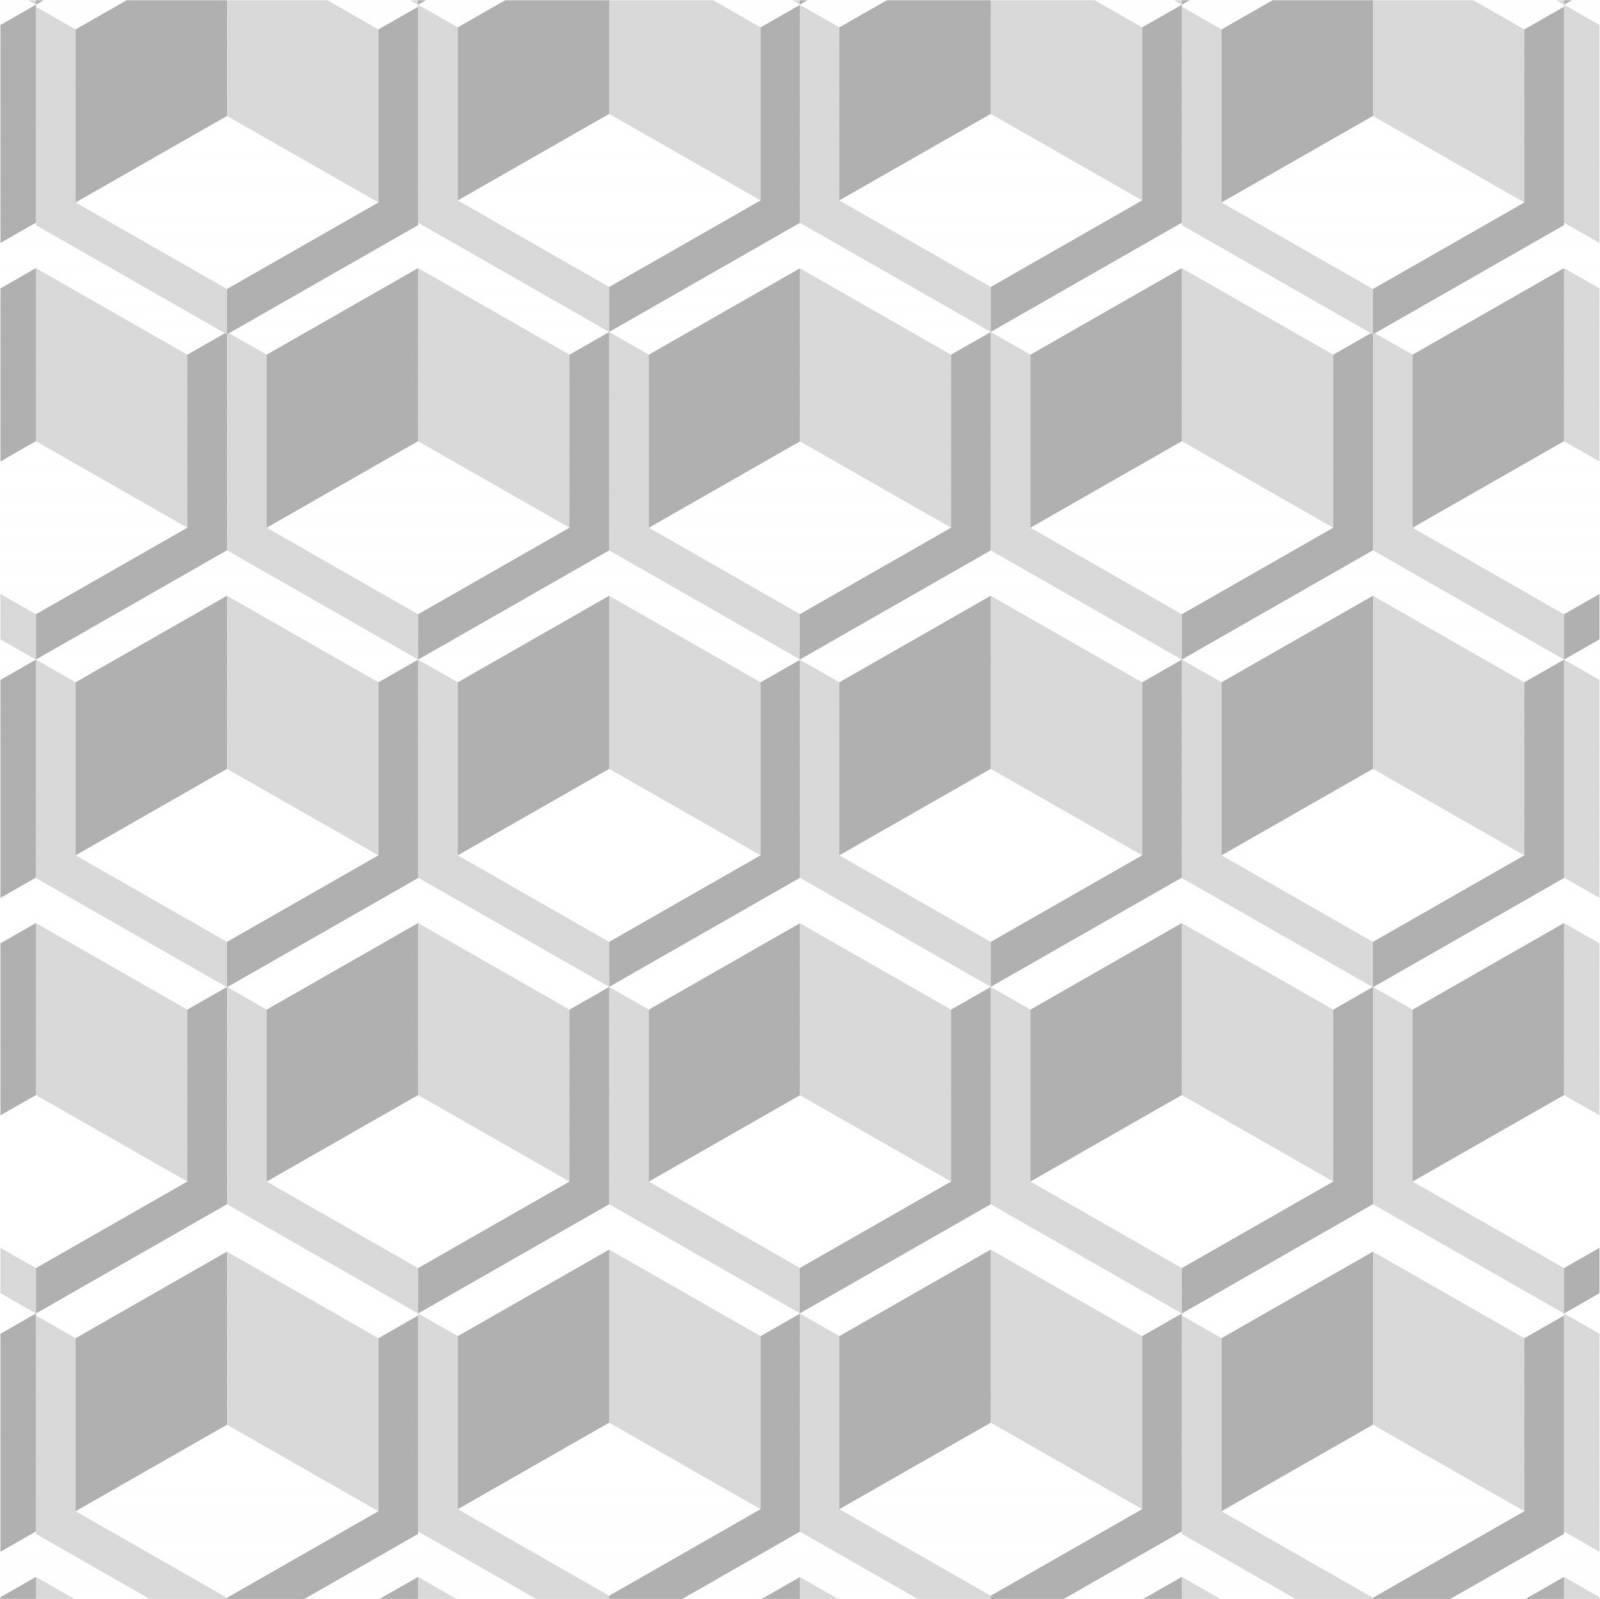 Papel de Parede Adesivo Geometrico  /Rolo imagem 1